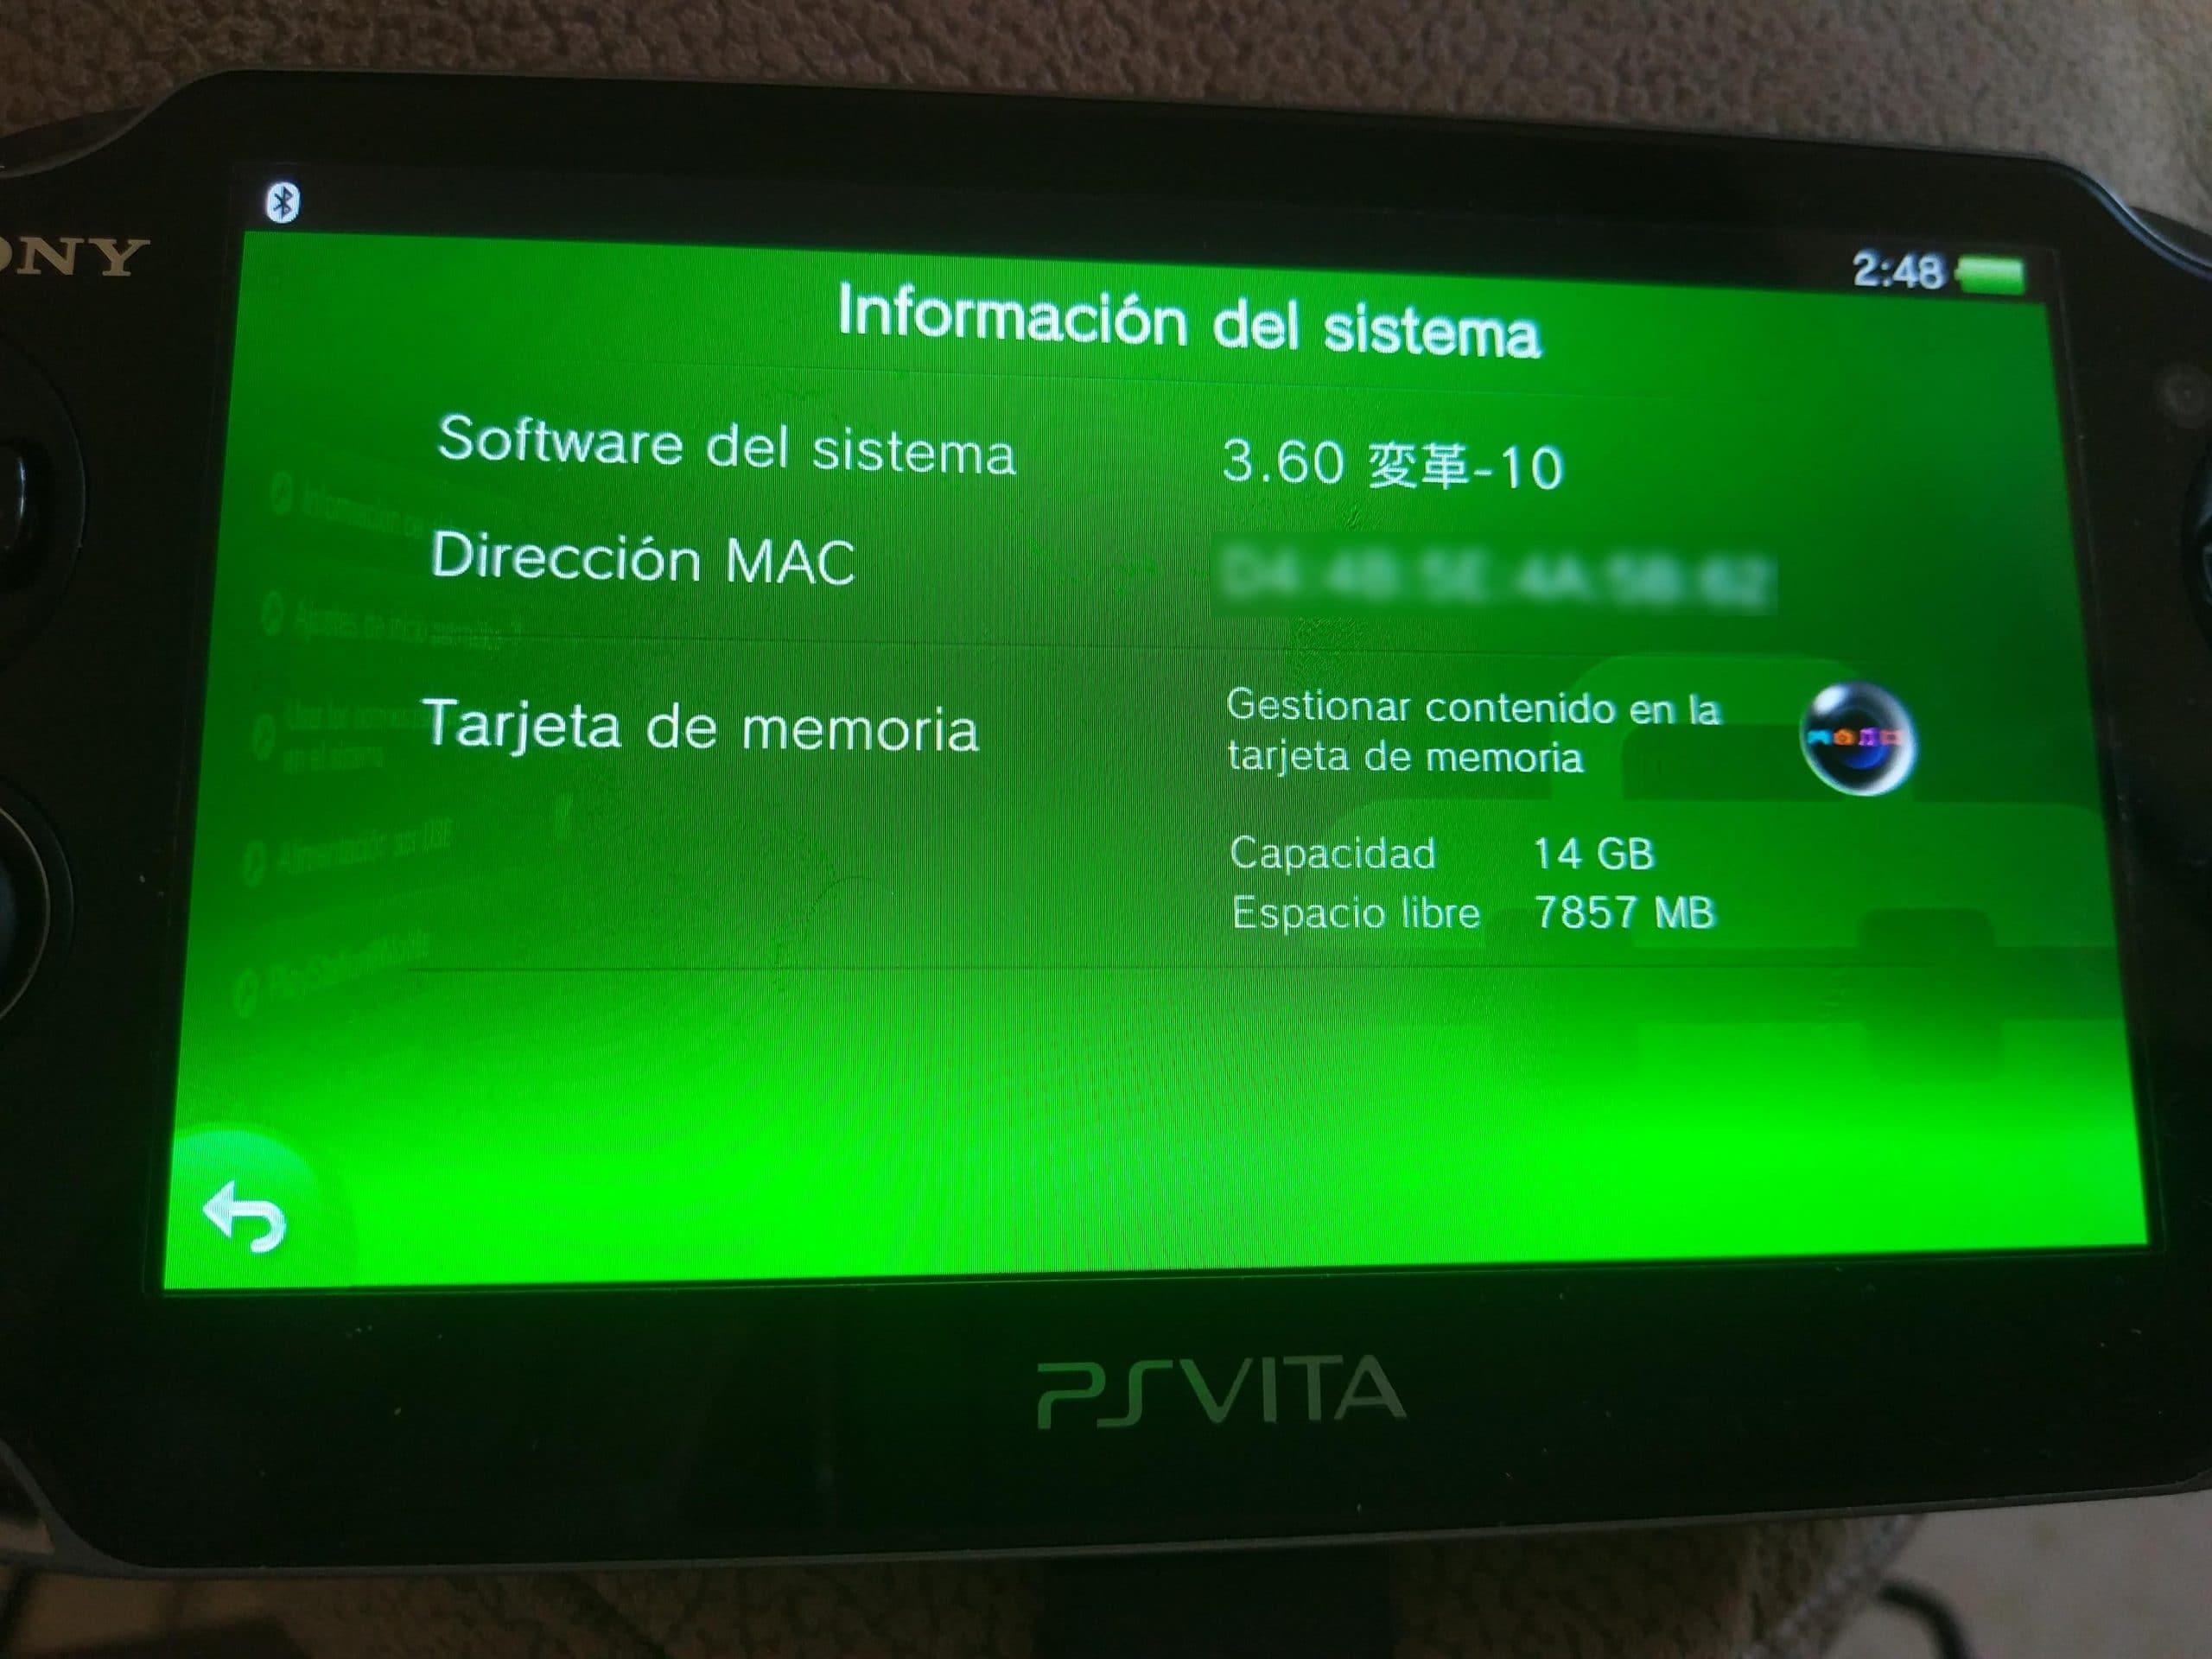 versión 3.60 de PS Vita